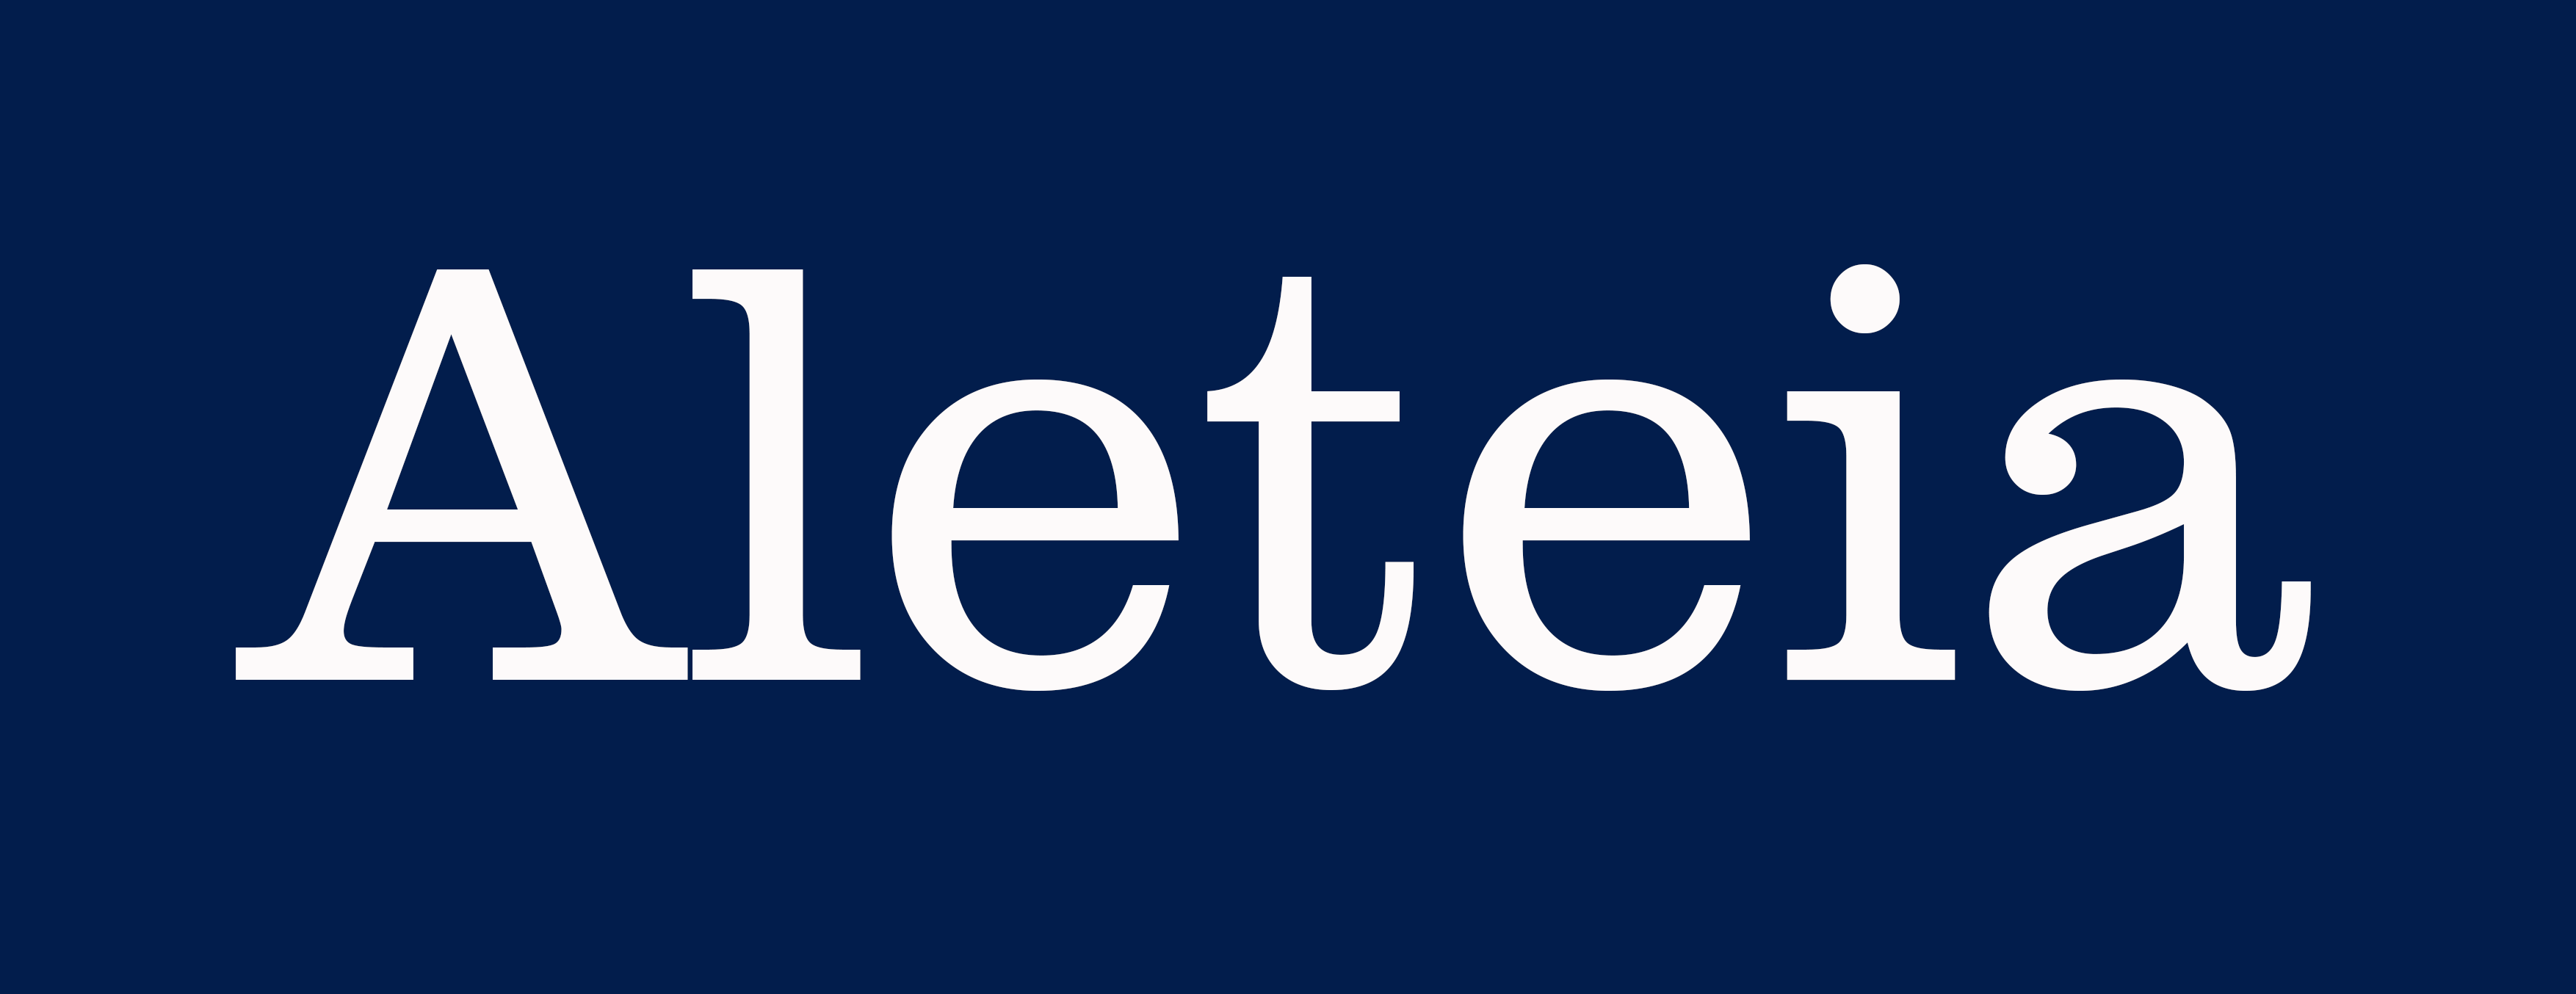 Aleteia — Wikipédia